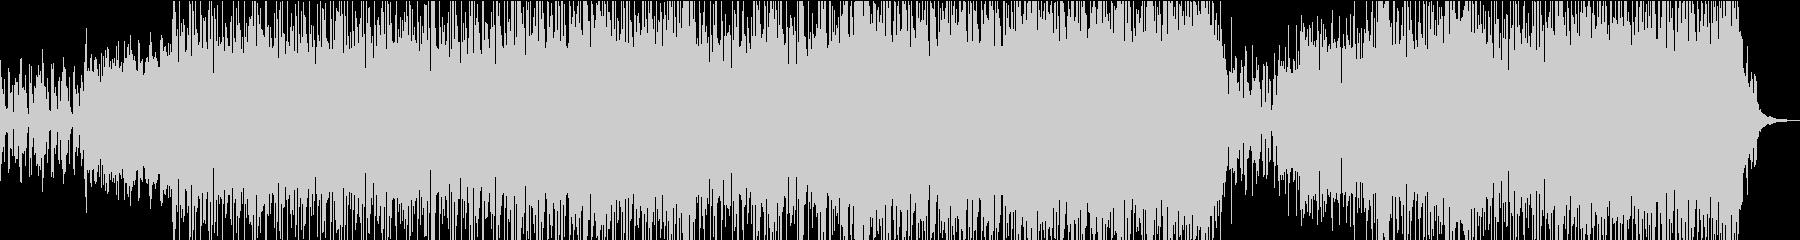 エッジの効いたエレクトロロックの未再生の波形